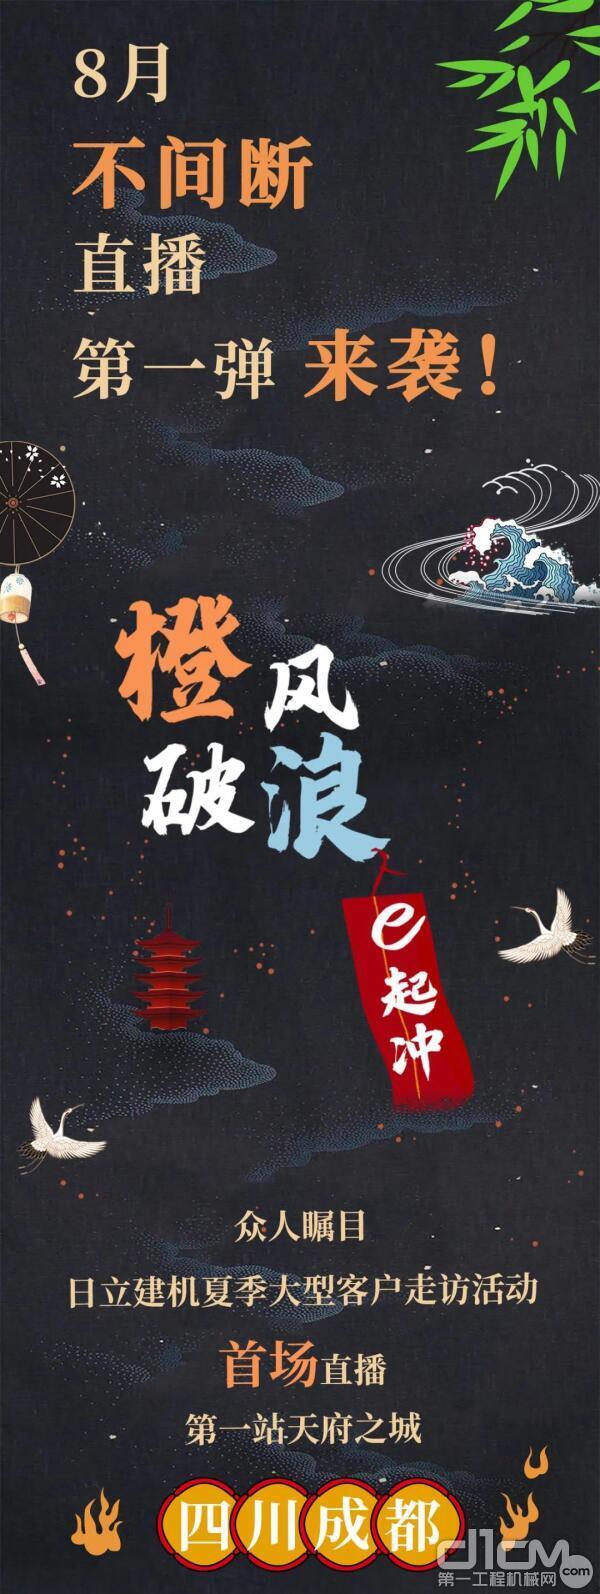 8月3日,围观日立建机夏季四川客户走访抖音直播